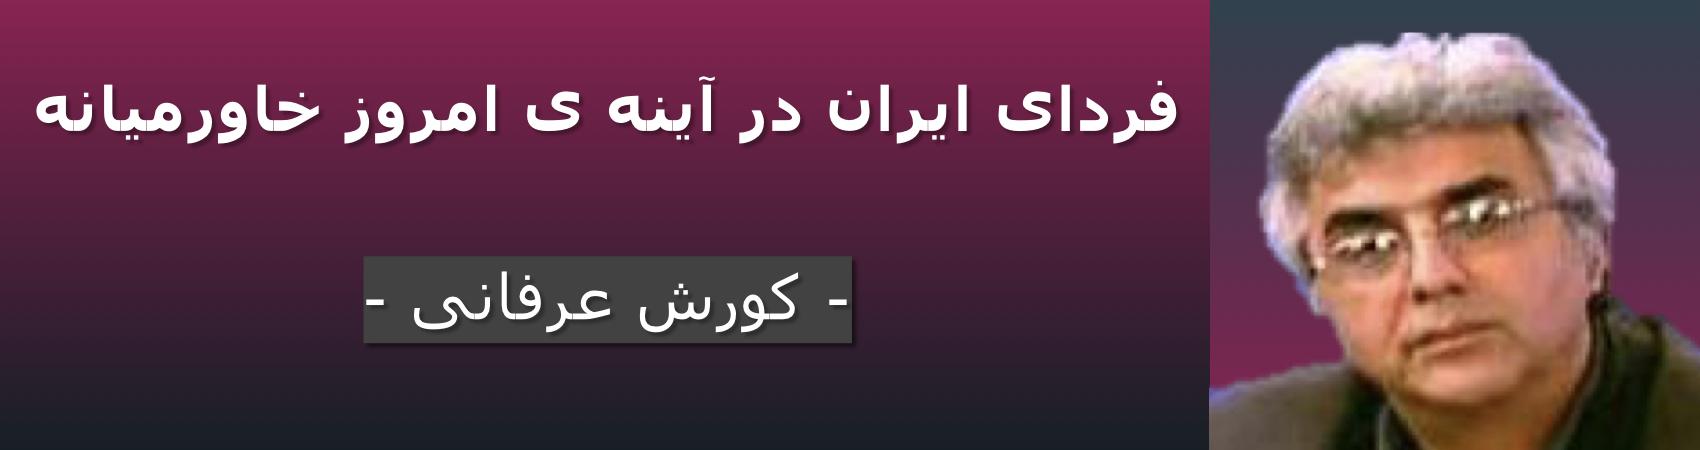 فردای ایران در آینهی امروز خاورمیانه